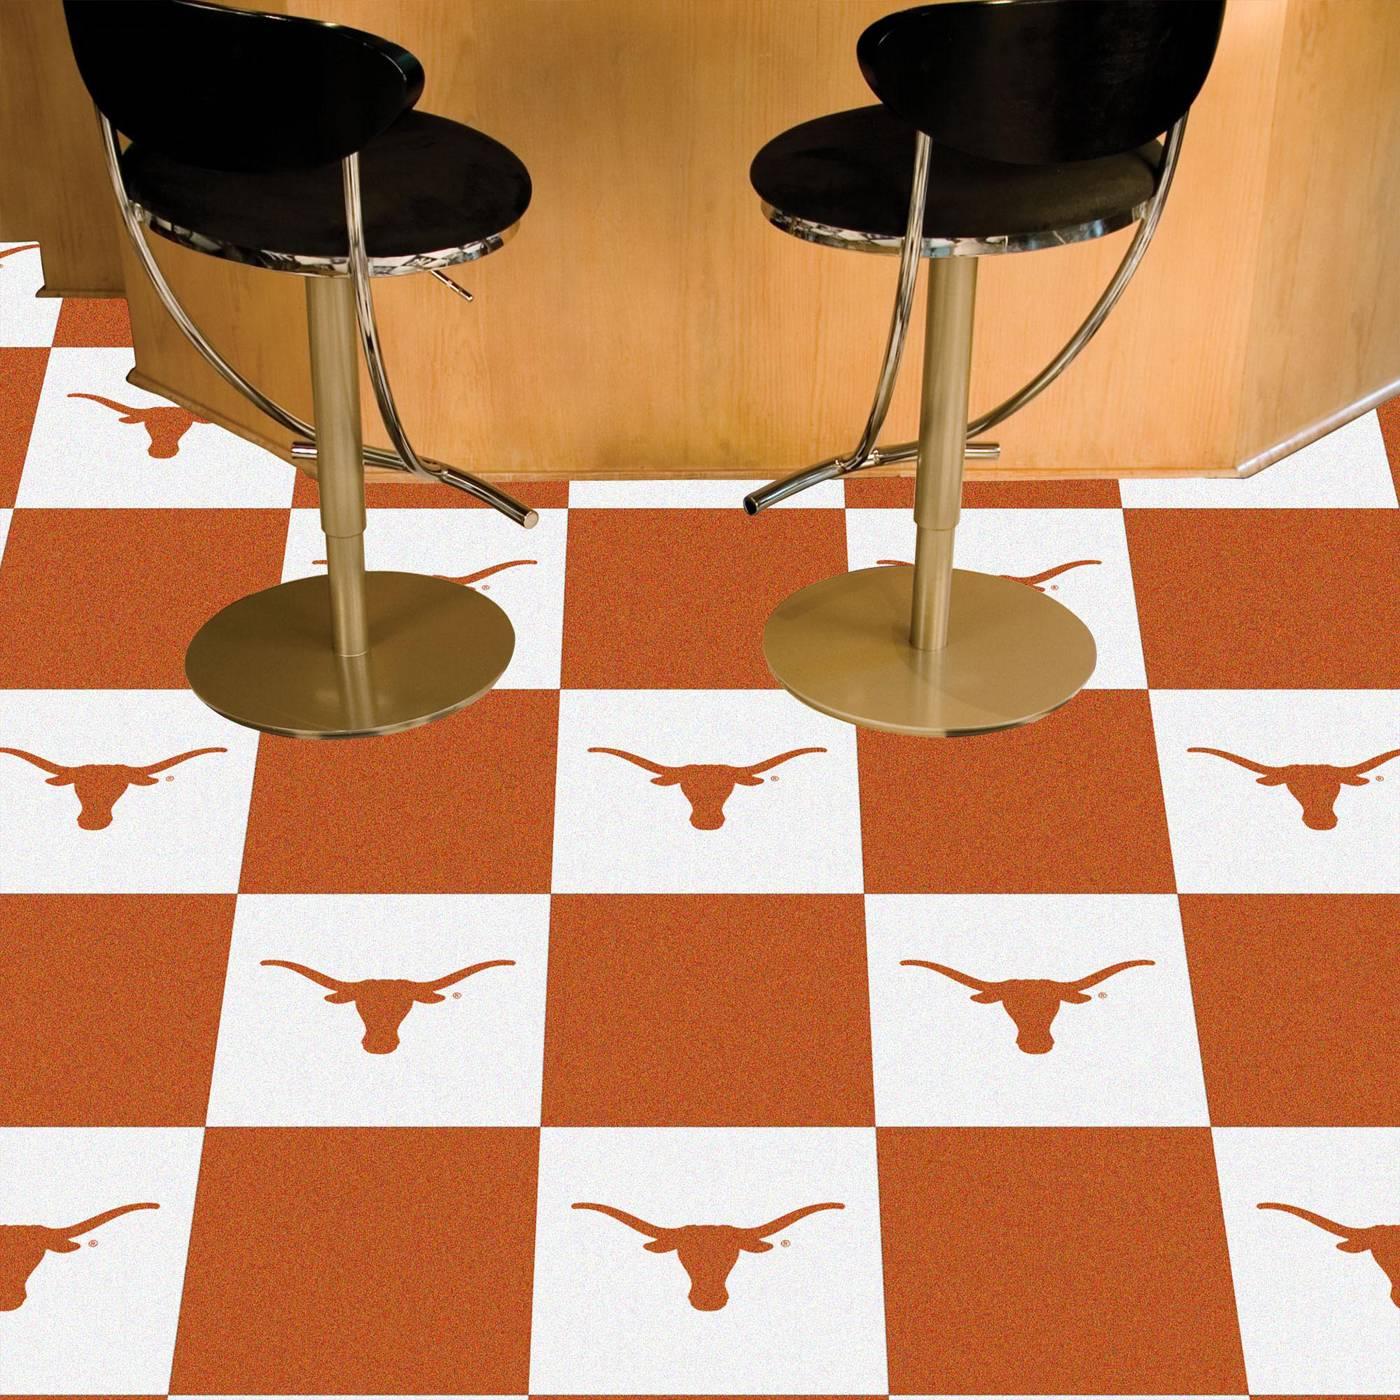 Clearance floor tiles